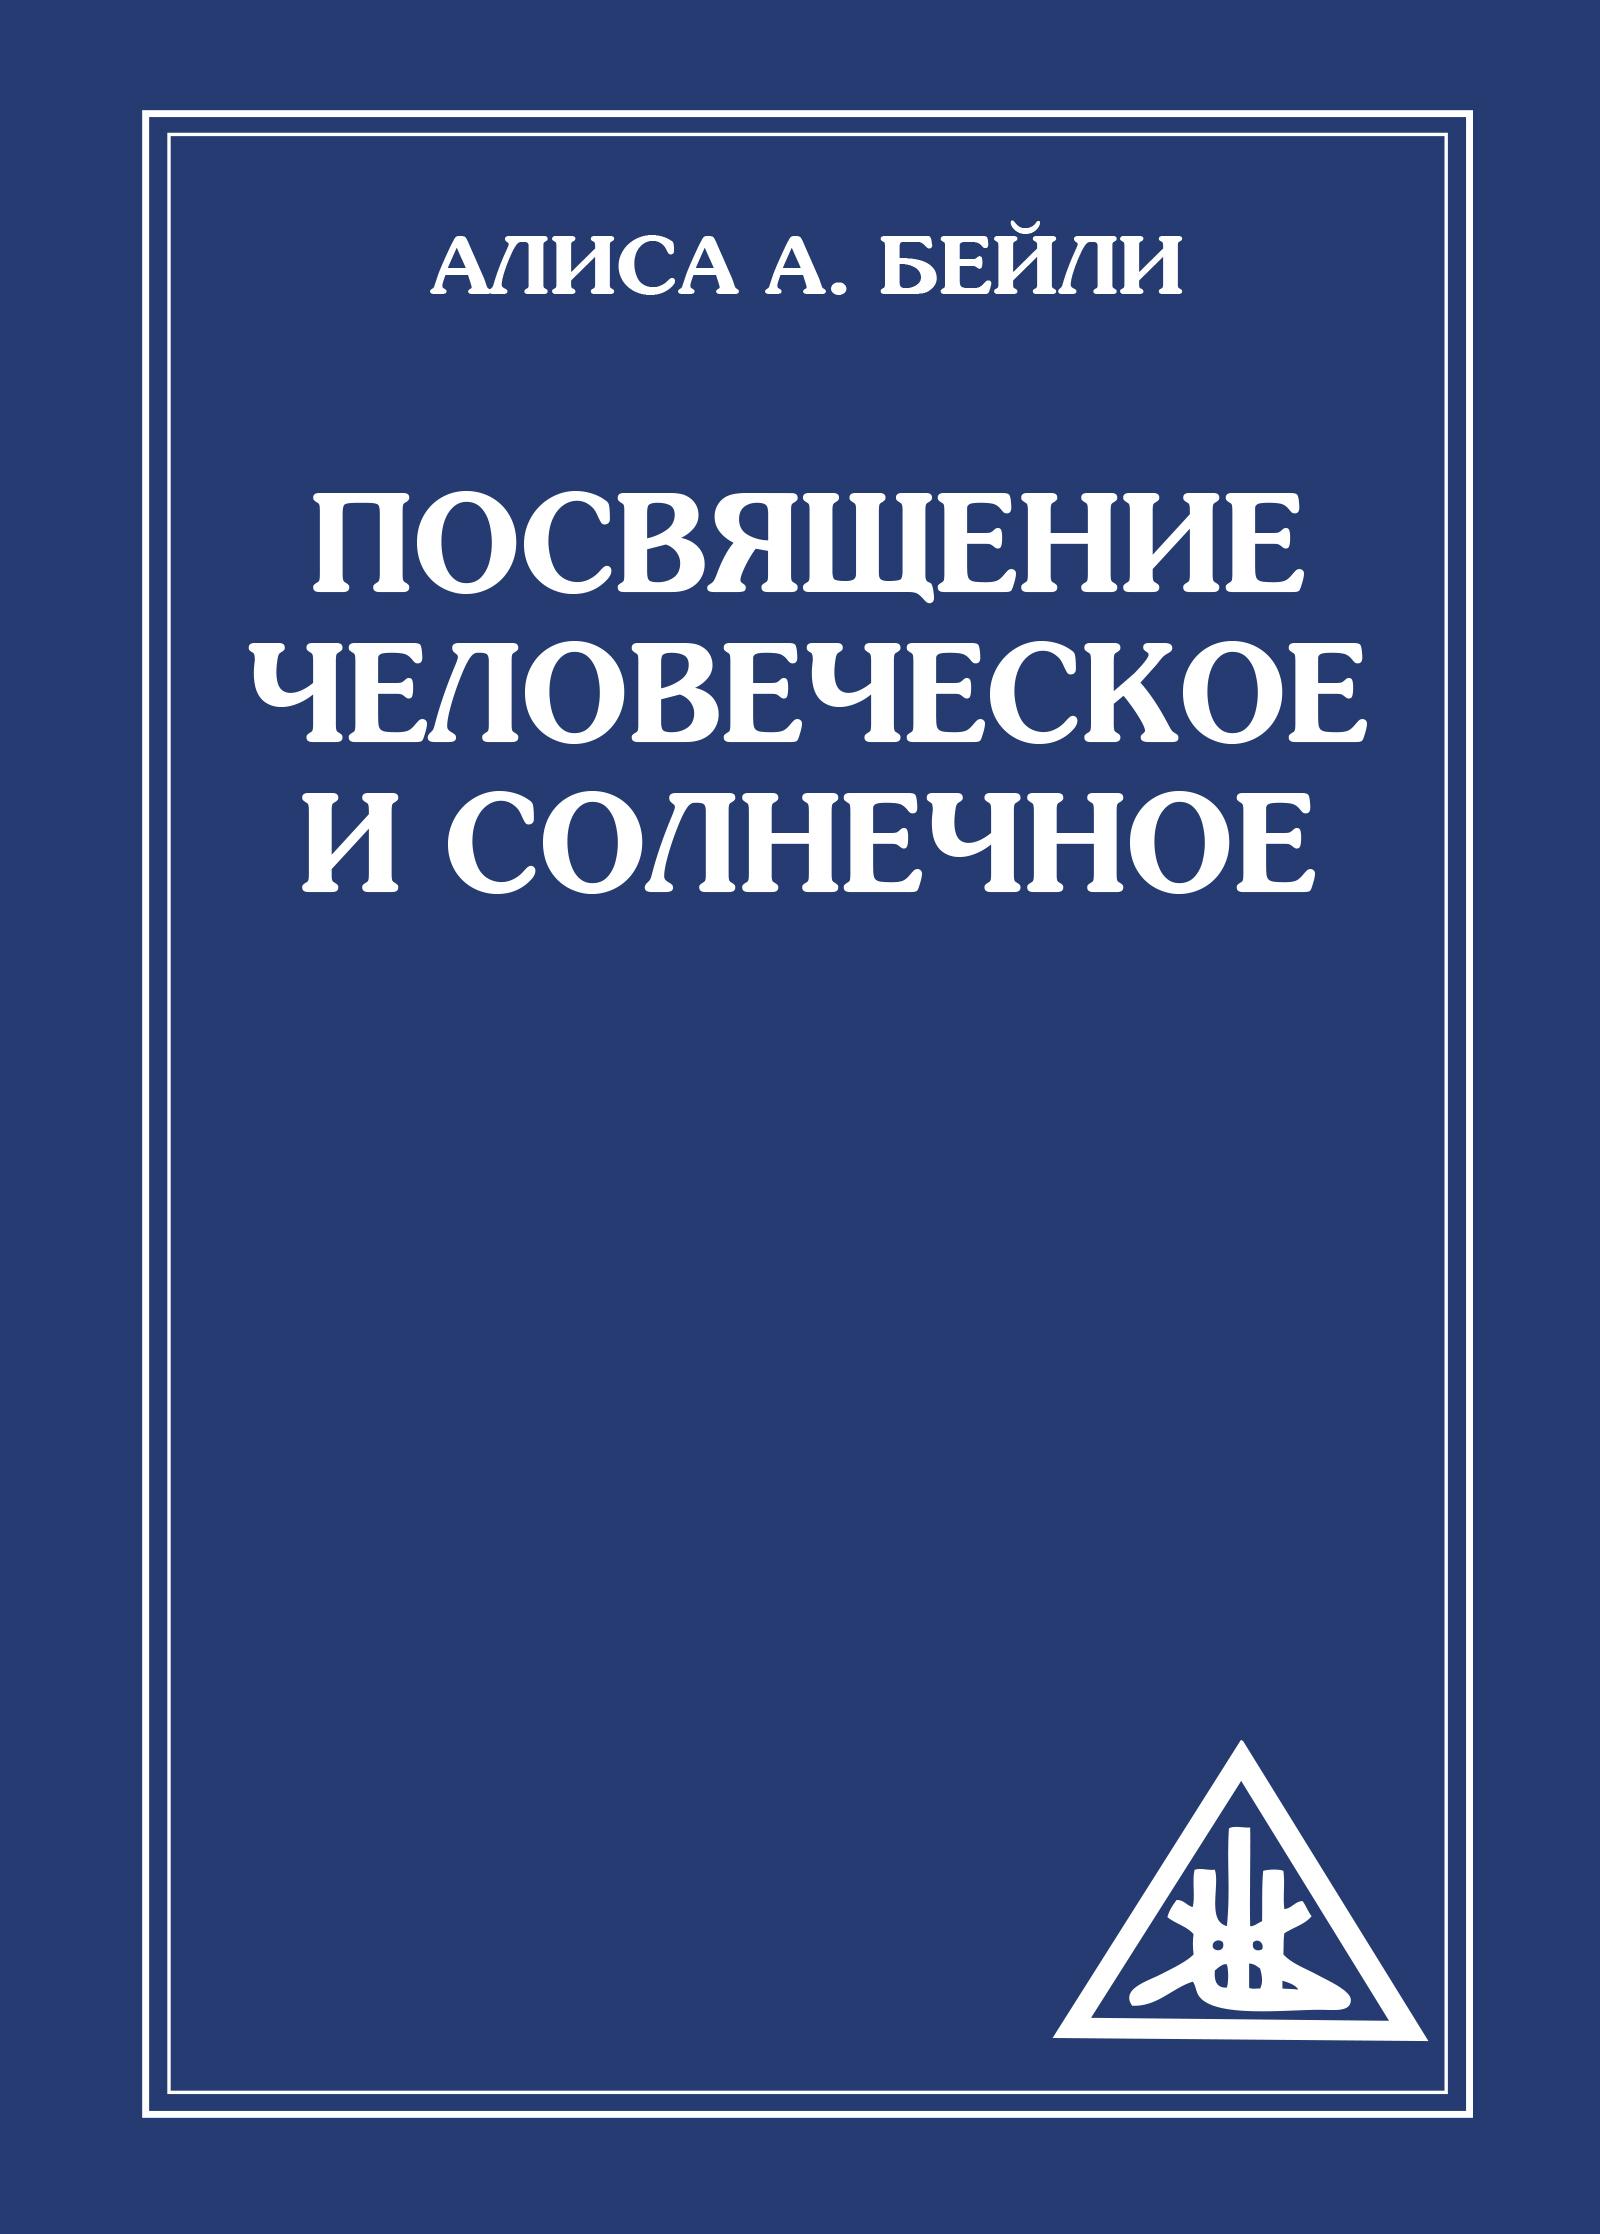 Посвящение человеческое и солнечное. 3-е изд. (обл)